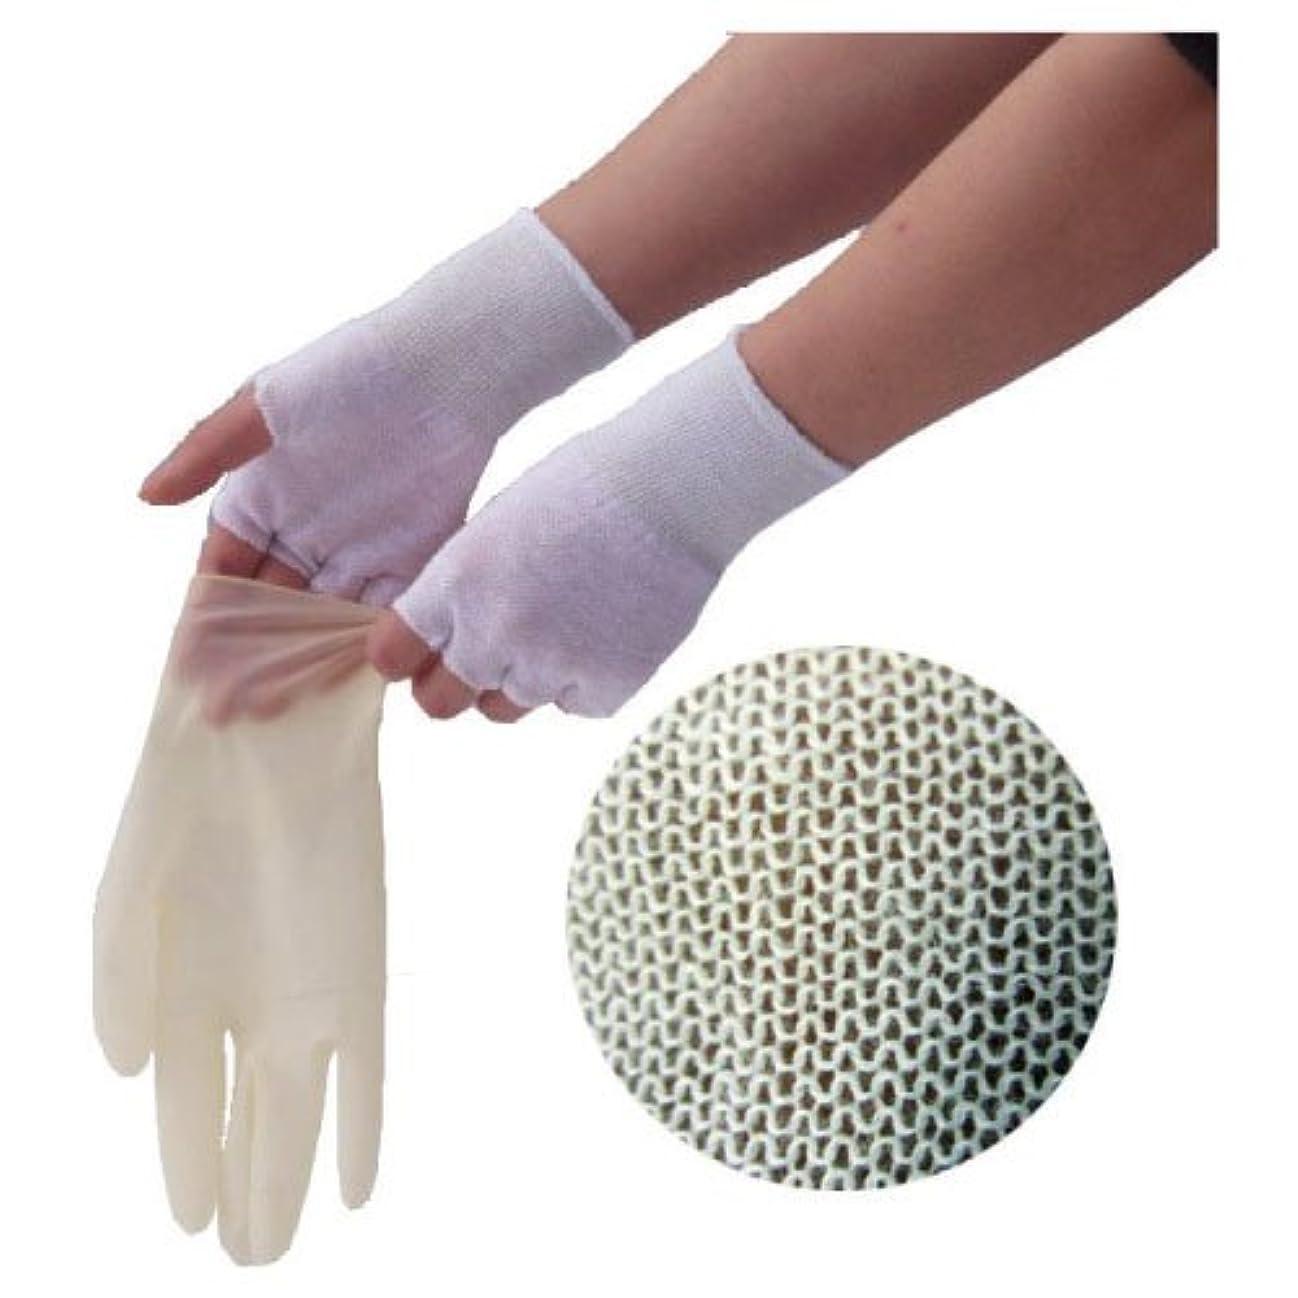 コットン同性愛者ひらめきやさしインナー手袋(指なし) GI01 フリー 材質:コットン